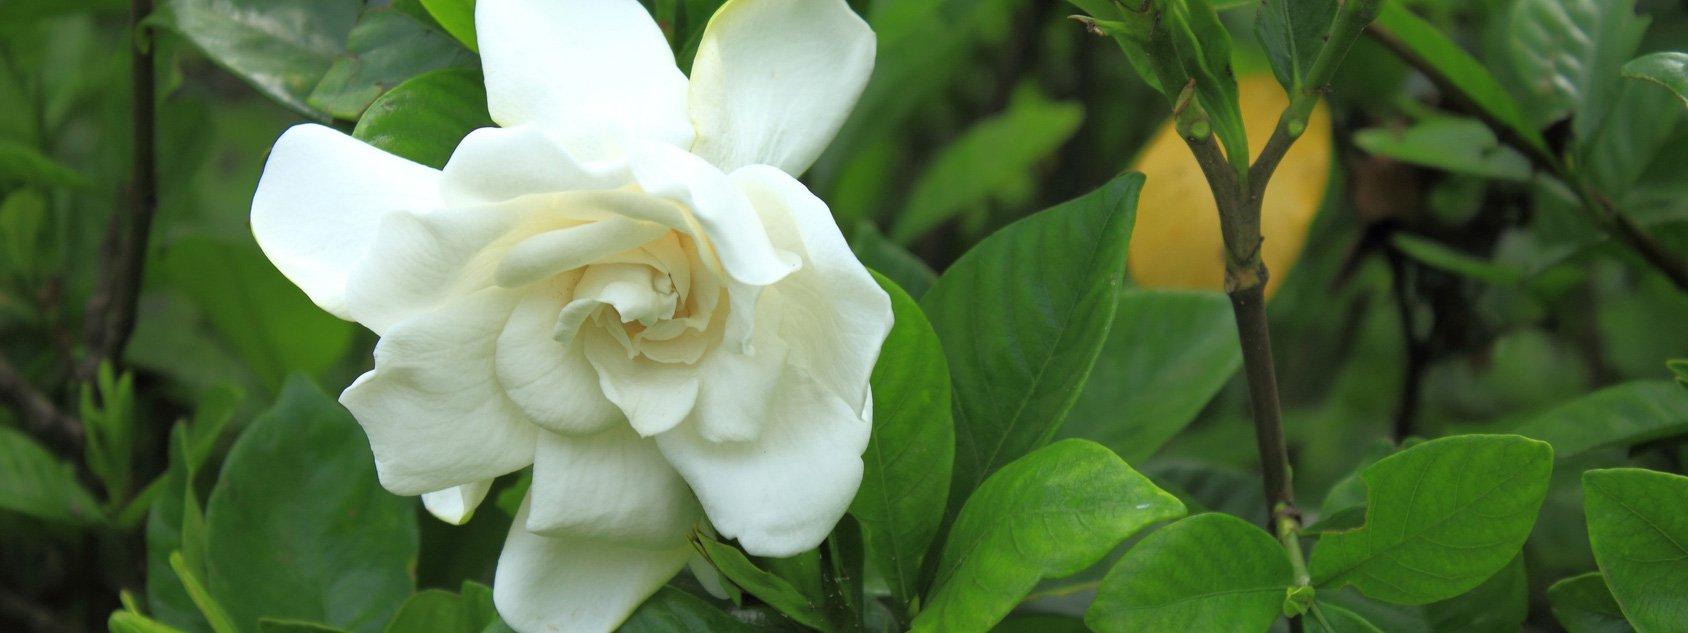 La gardenia sta per rifiorire come aiutarla cose di casa - Gardenia pianta da giardino ...